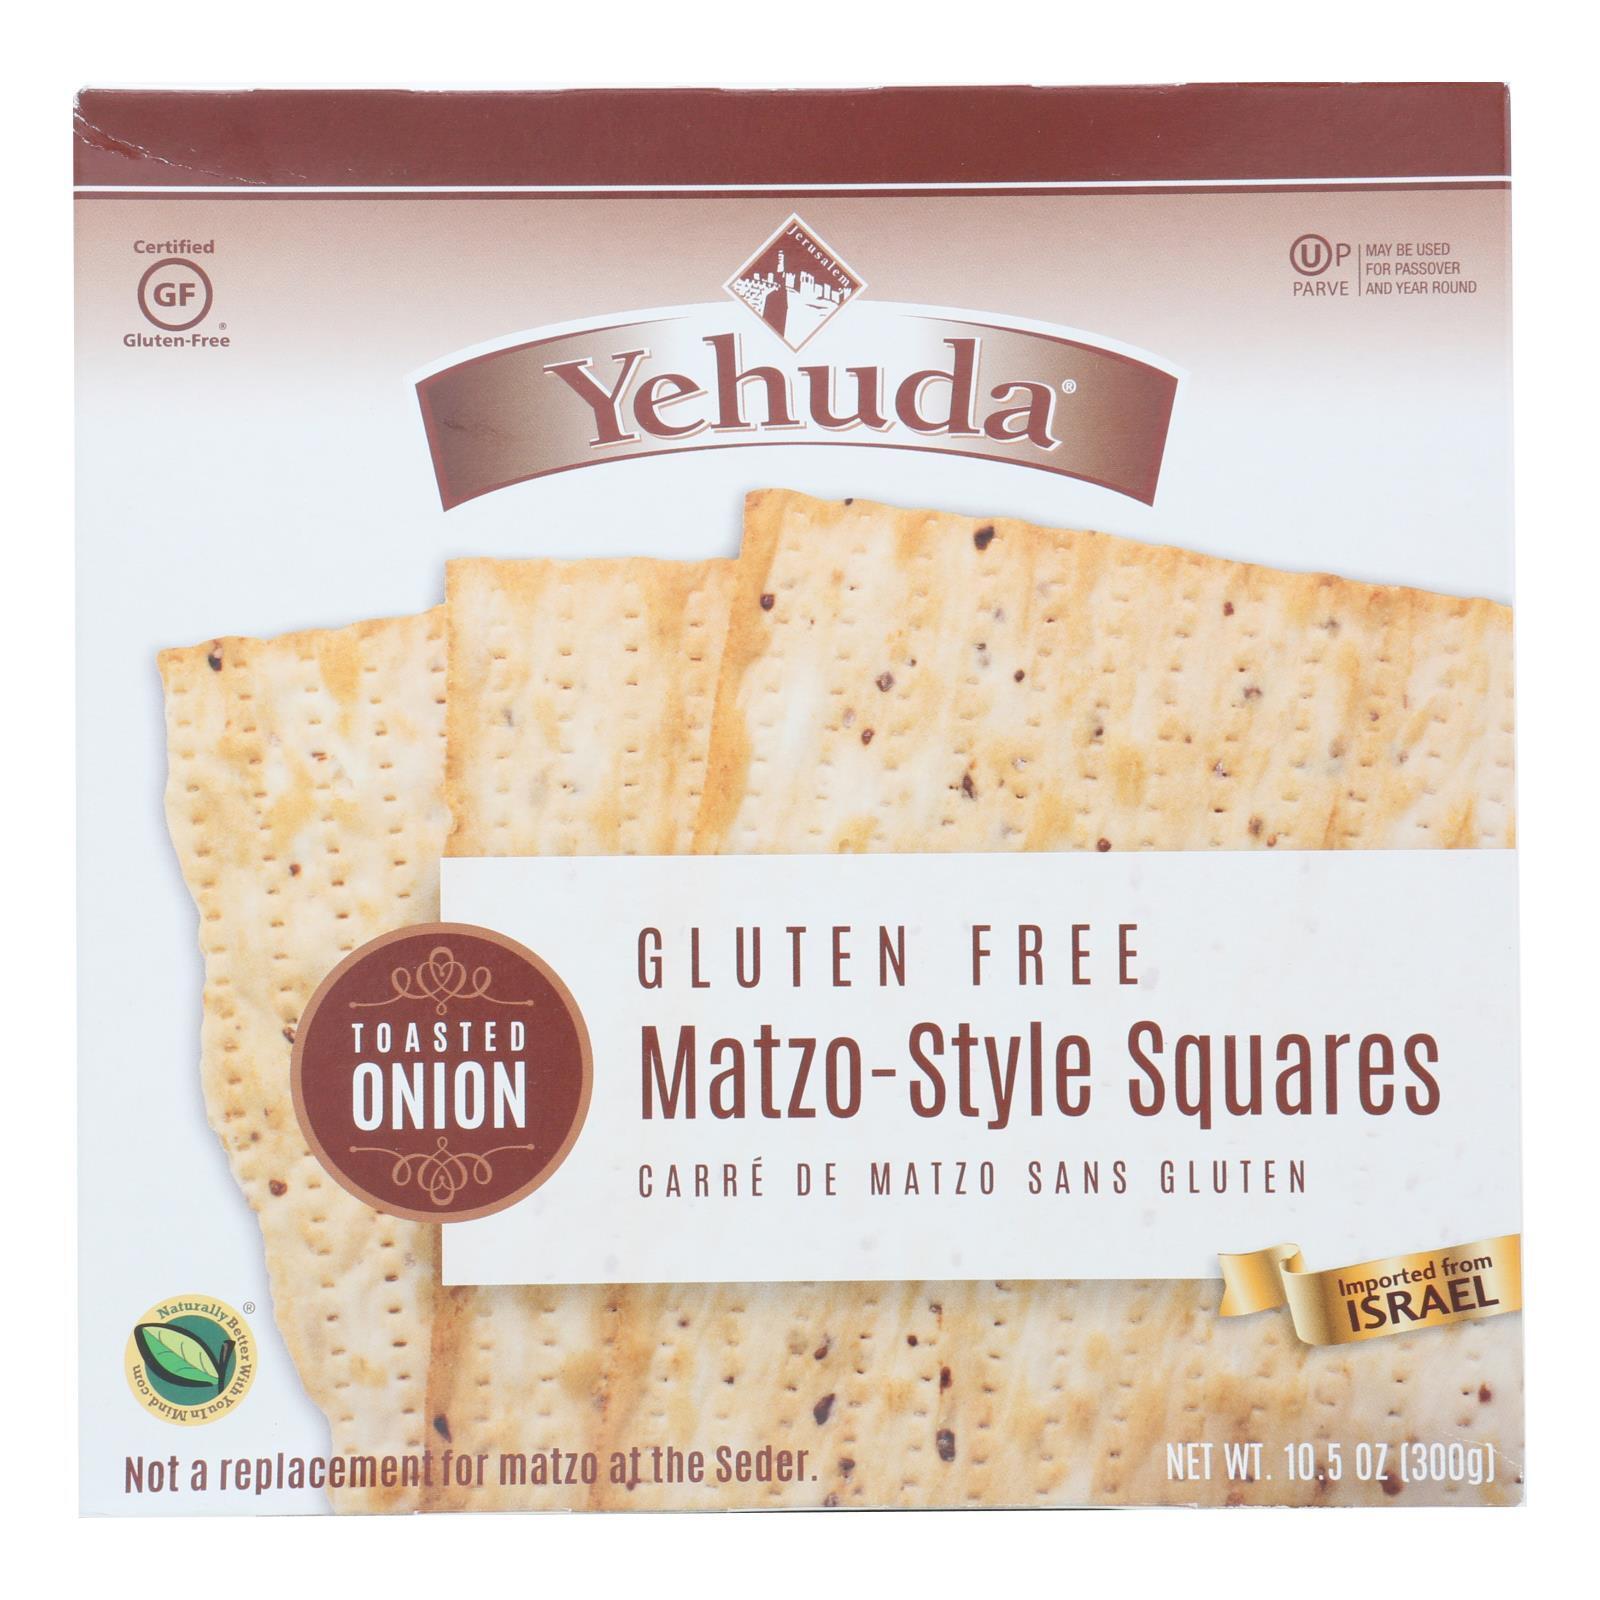 Yehuda Matzo Squares - Toasted Onion - Gluten Free - Case of 12 - 10.5 oz